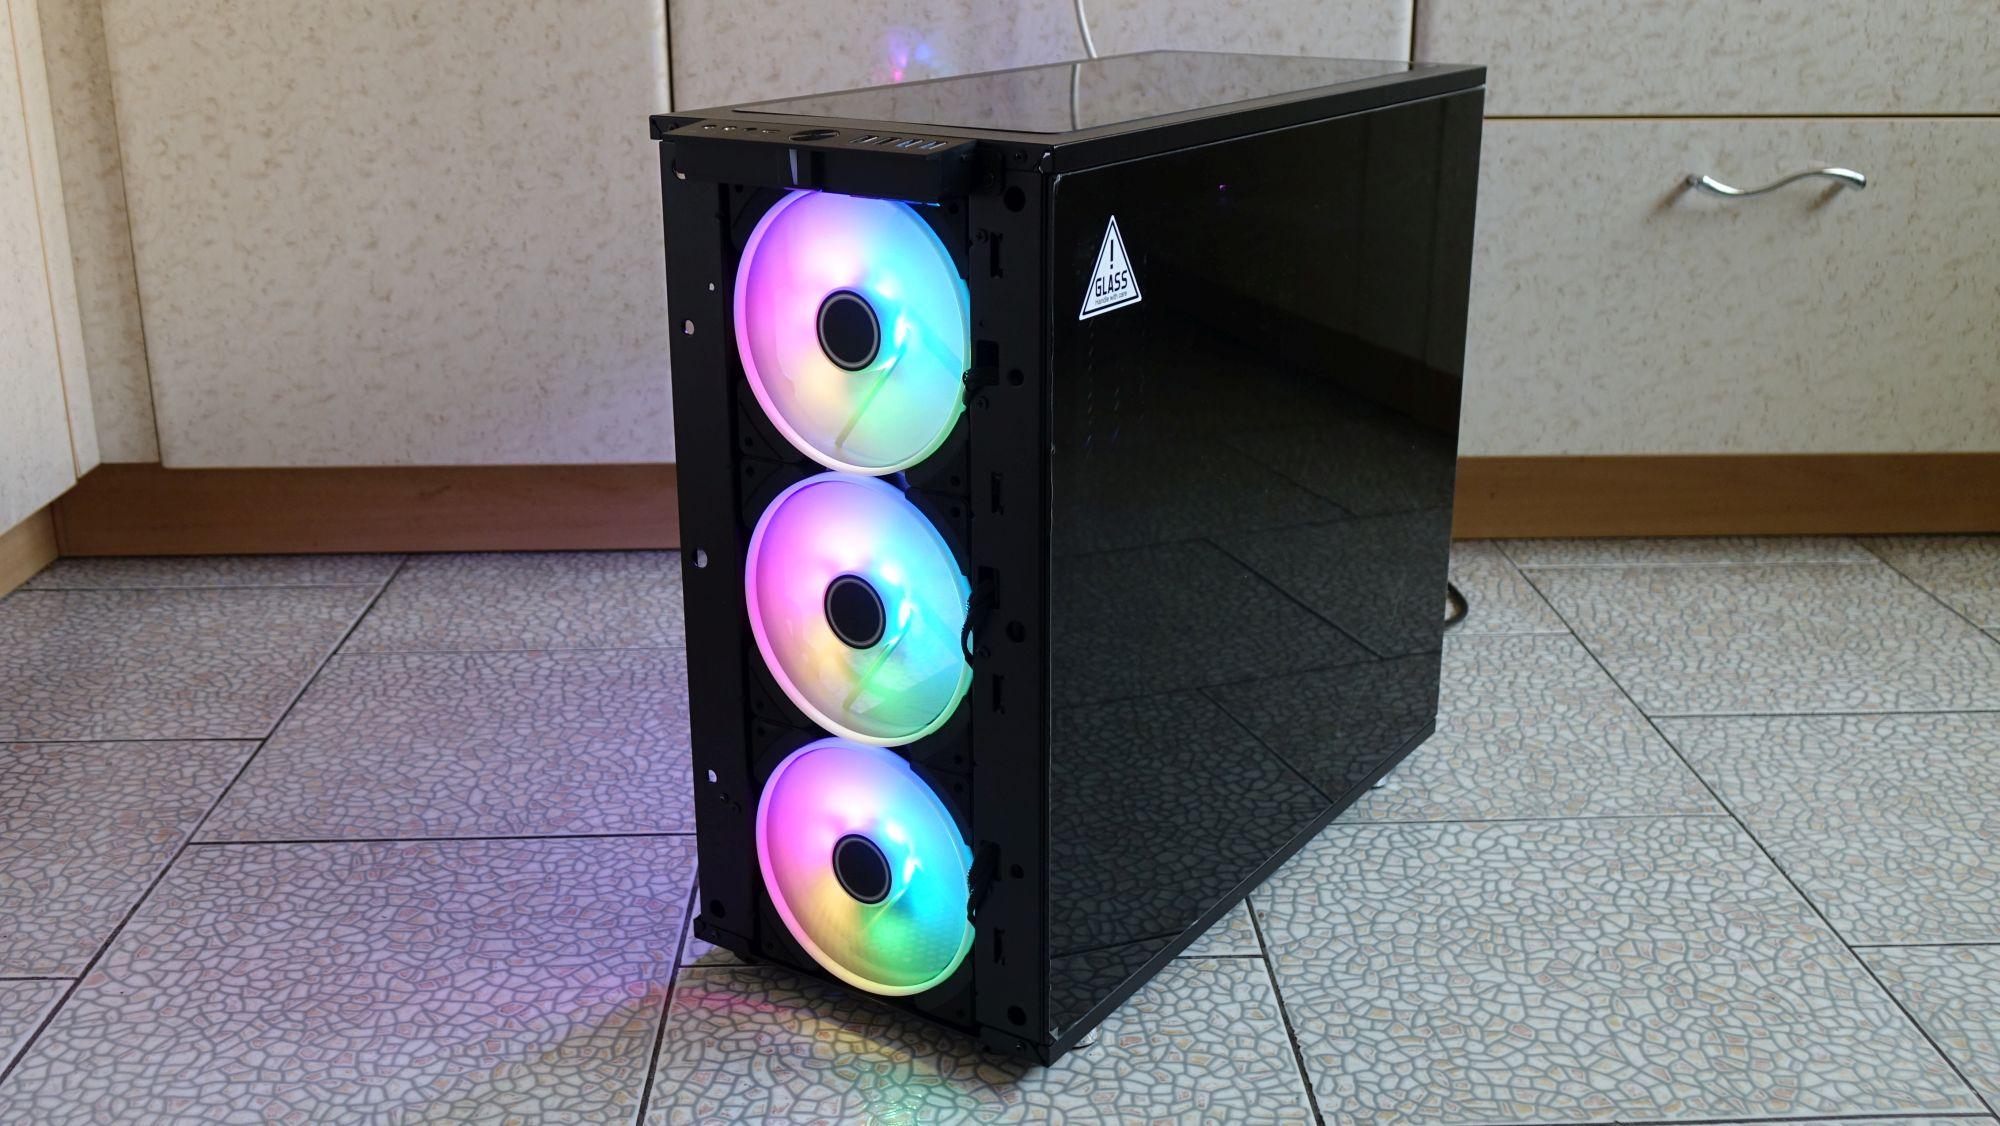 Define S2 Vision RGB